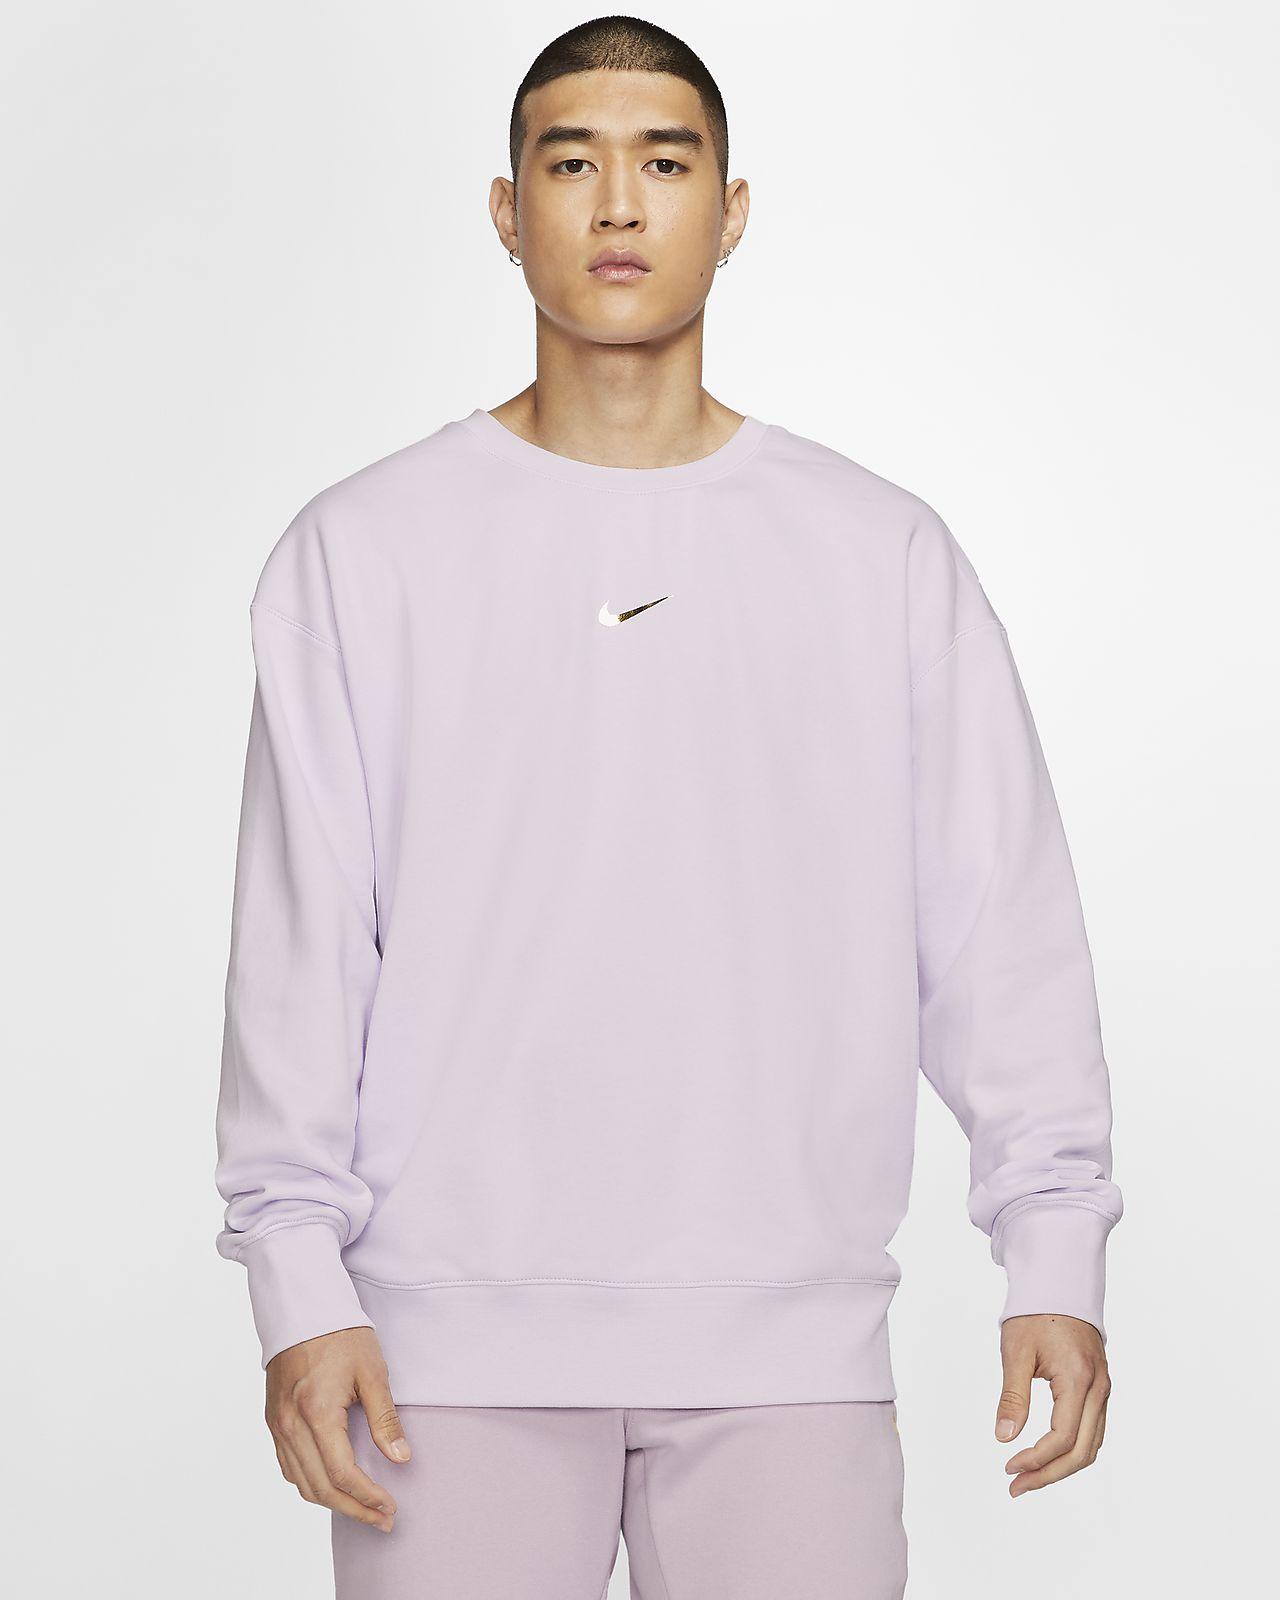 NIKE Mens Sportswear Crew Sweatshirt